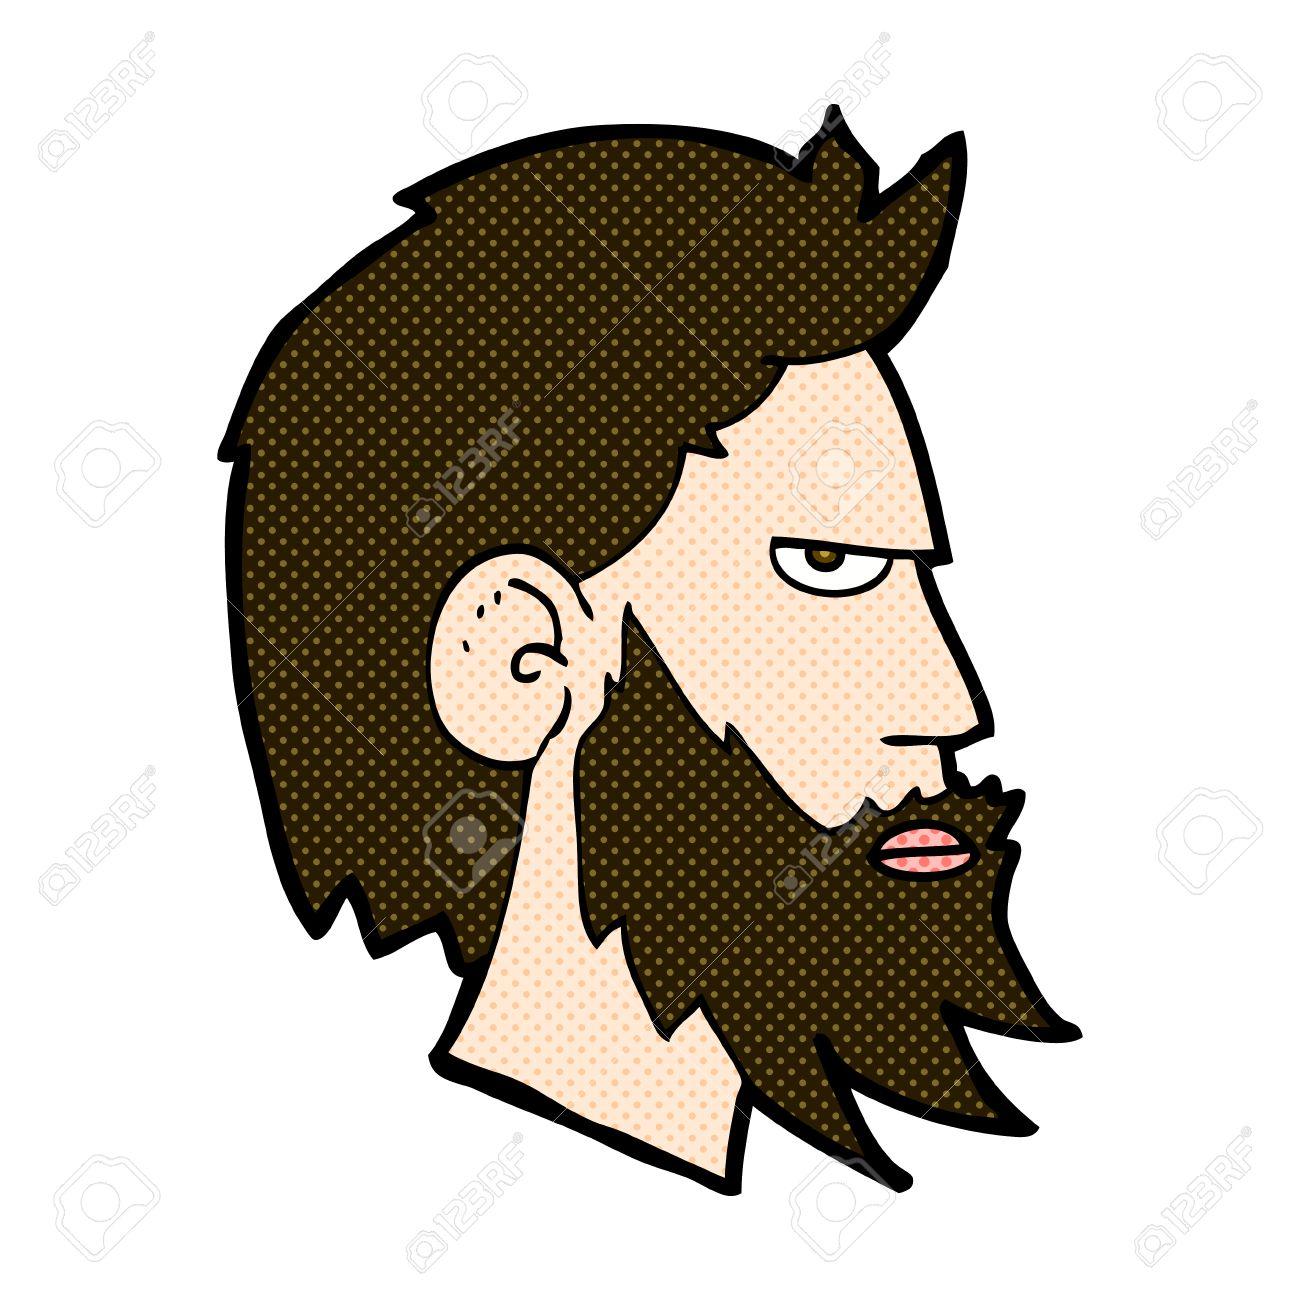 Vettoriale retrò stile fumetto cartone animato uomo con la barba